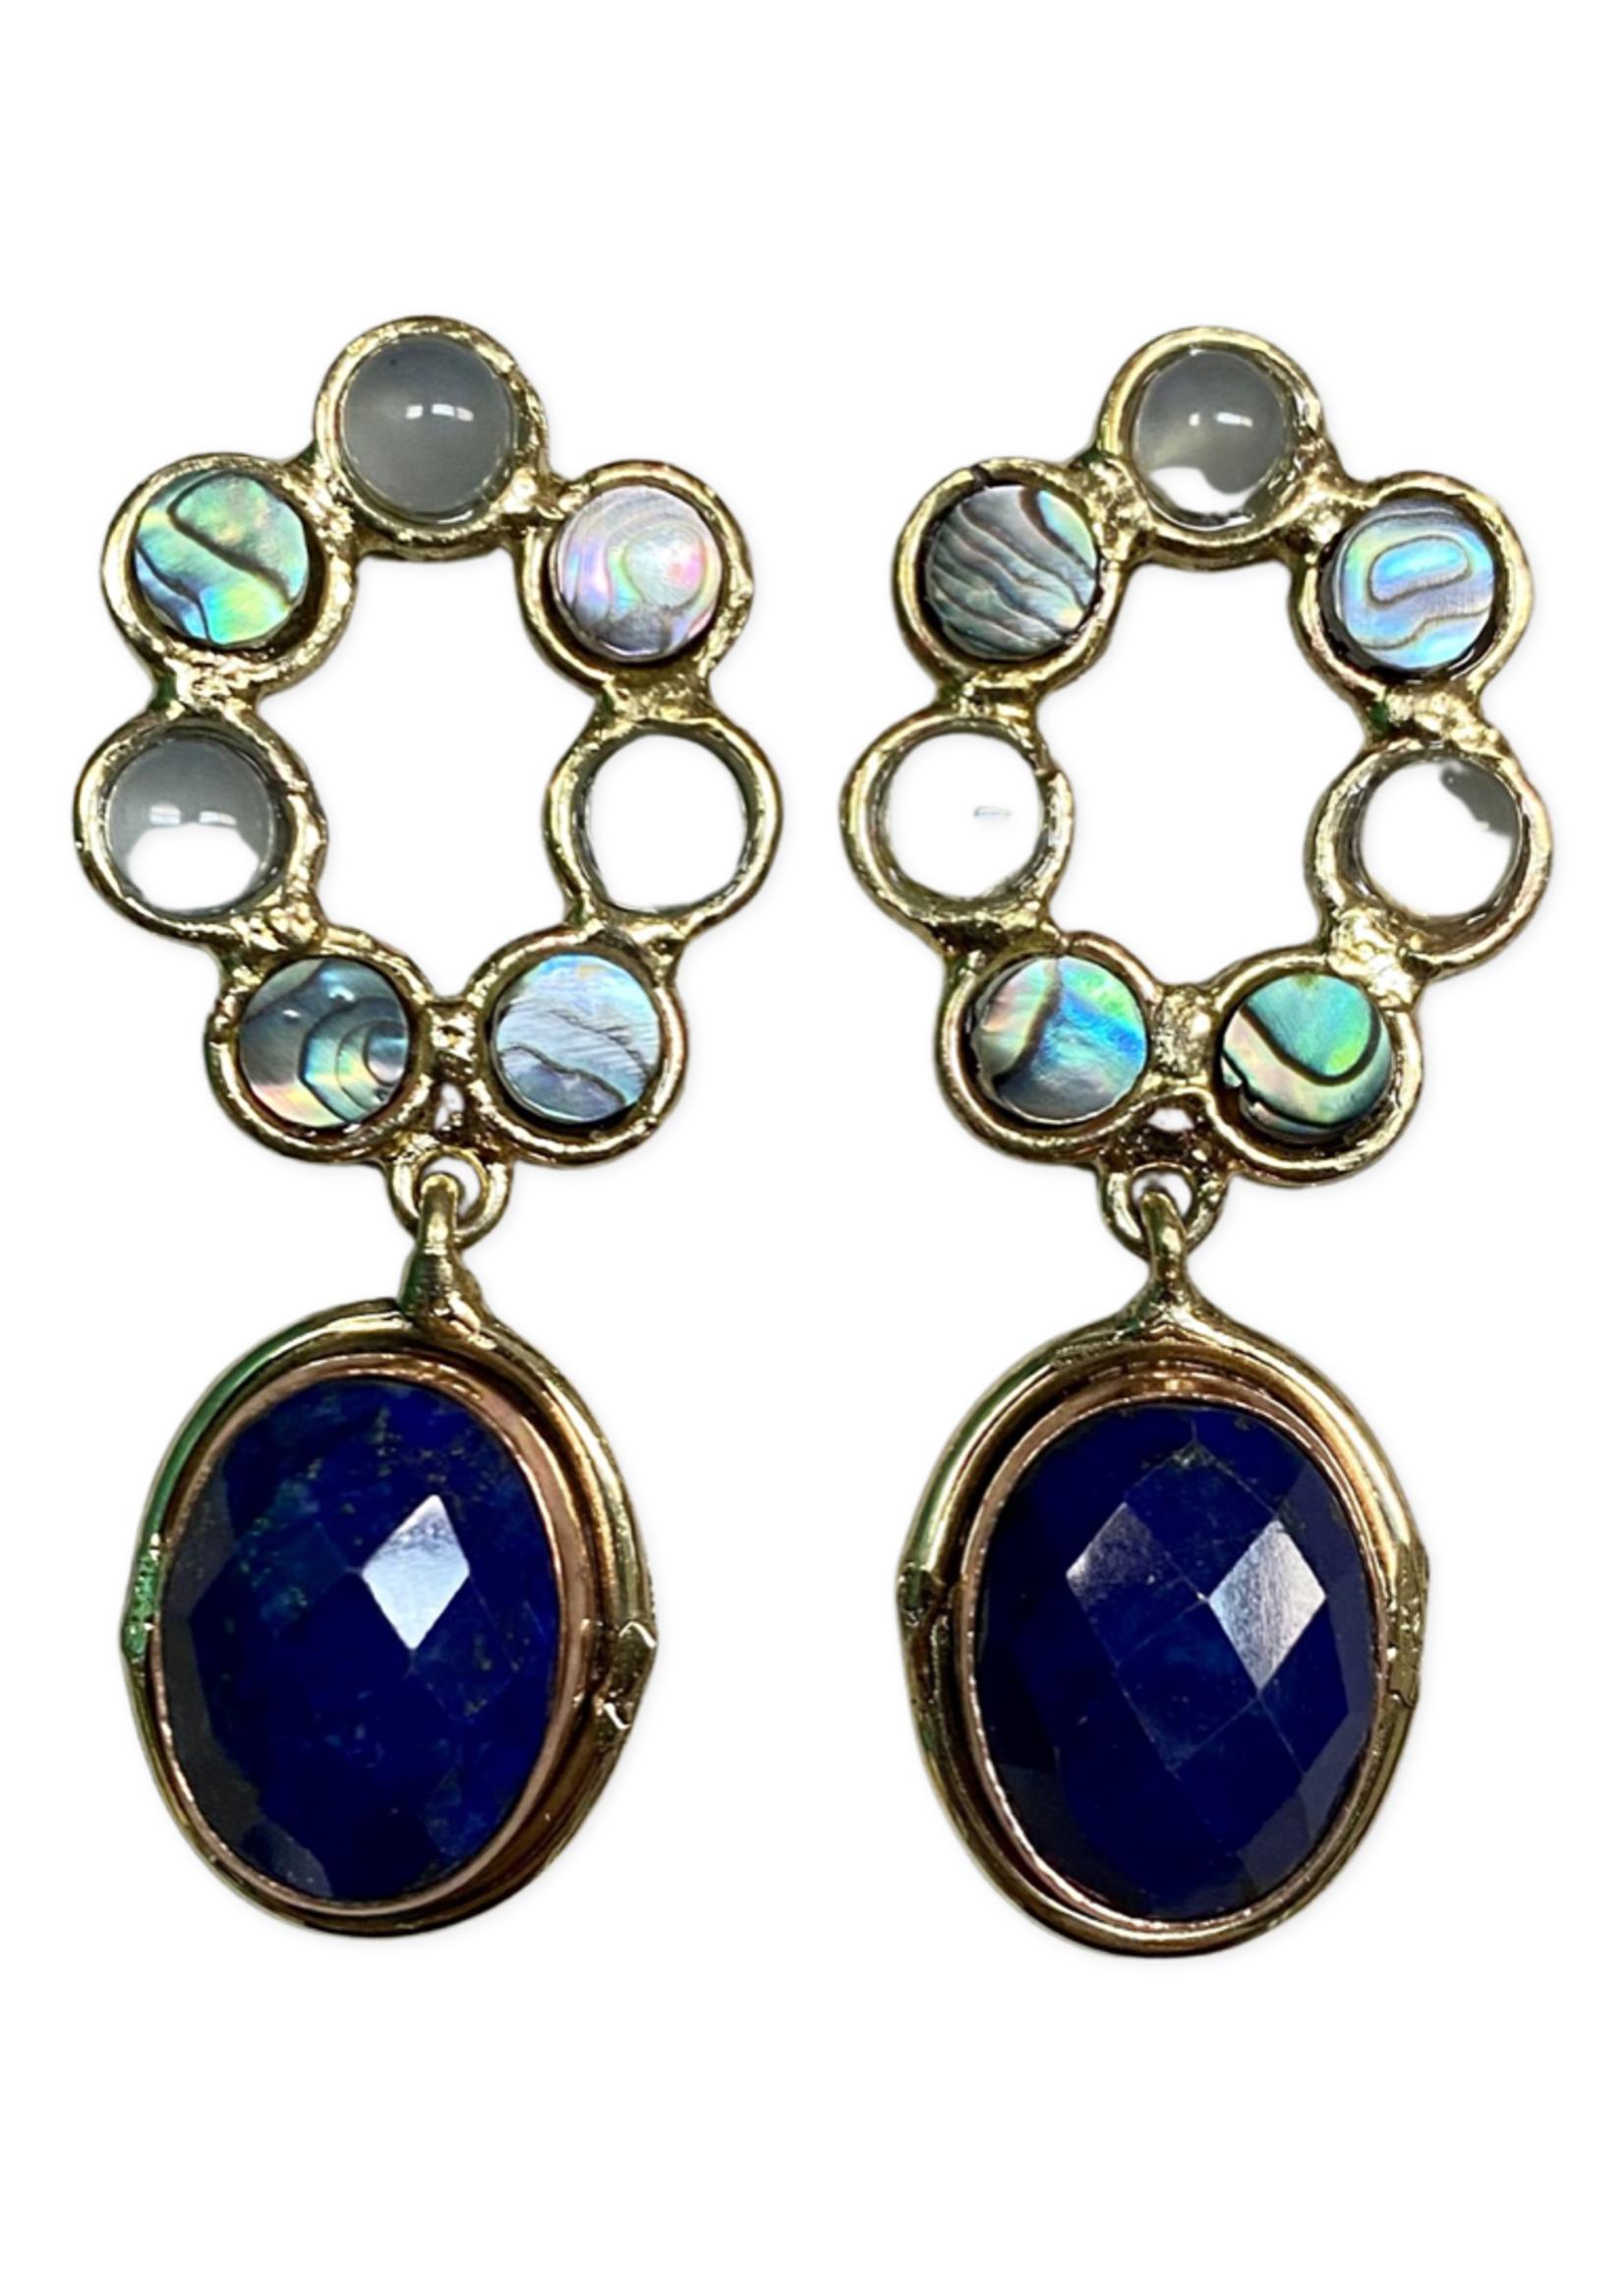 David Jeffery Earrings Brass&Copper  w Lapis, Abalone, & Blue Chalcedony